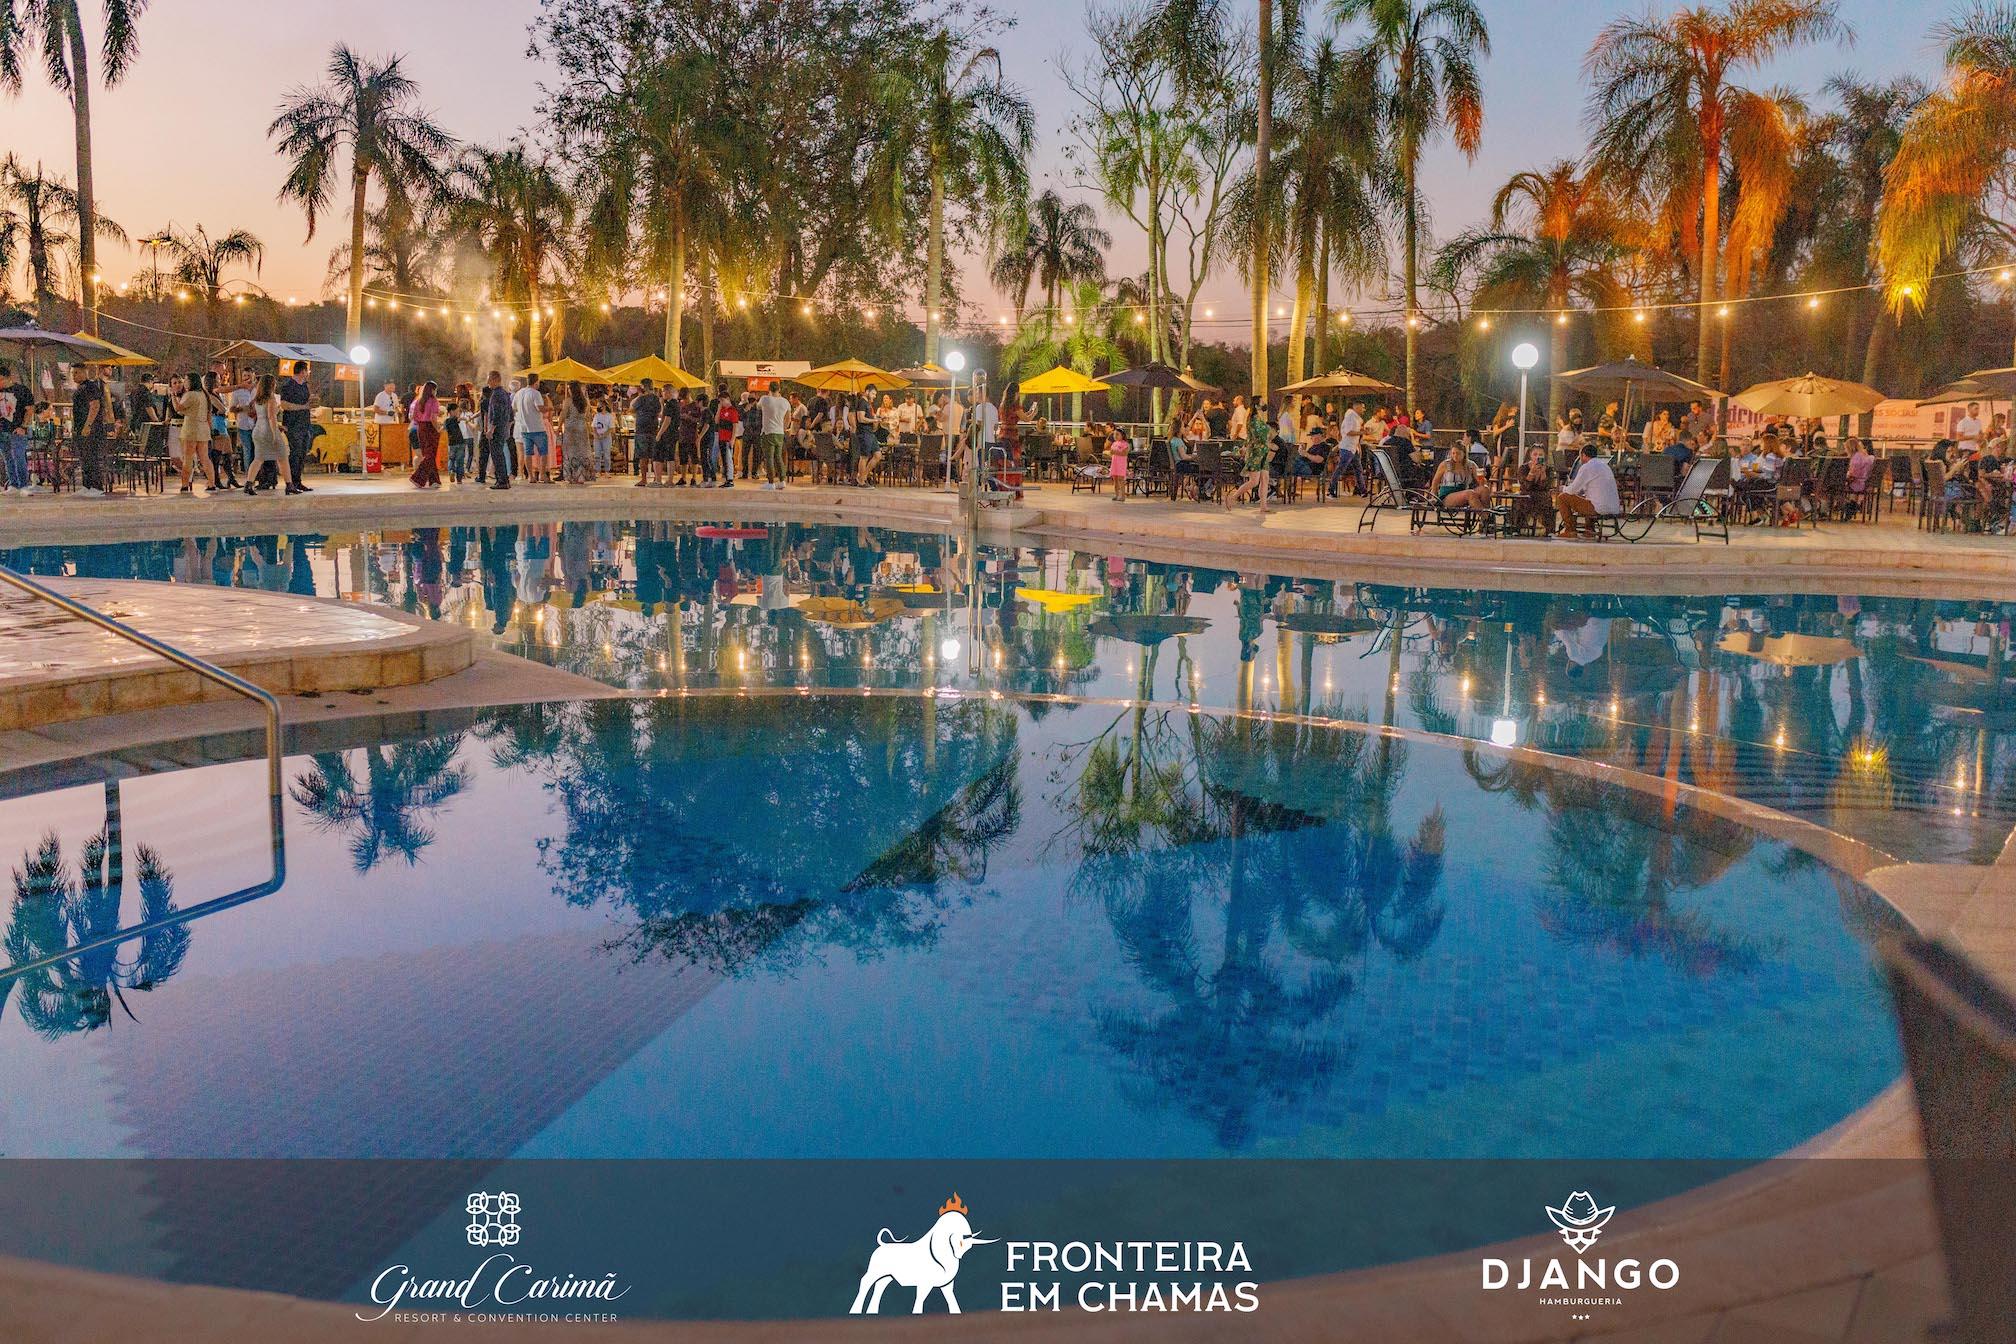 Pátio da Piscina do Grand Carimã Resort, iluminado por um varal de luzes durante o Fronteira em Chamas